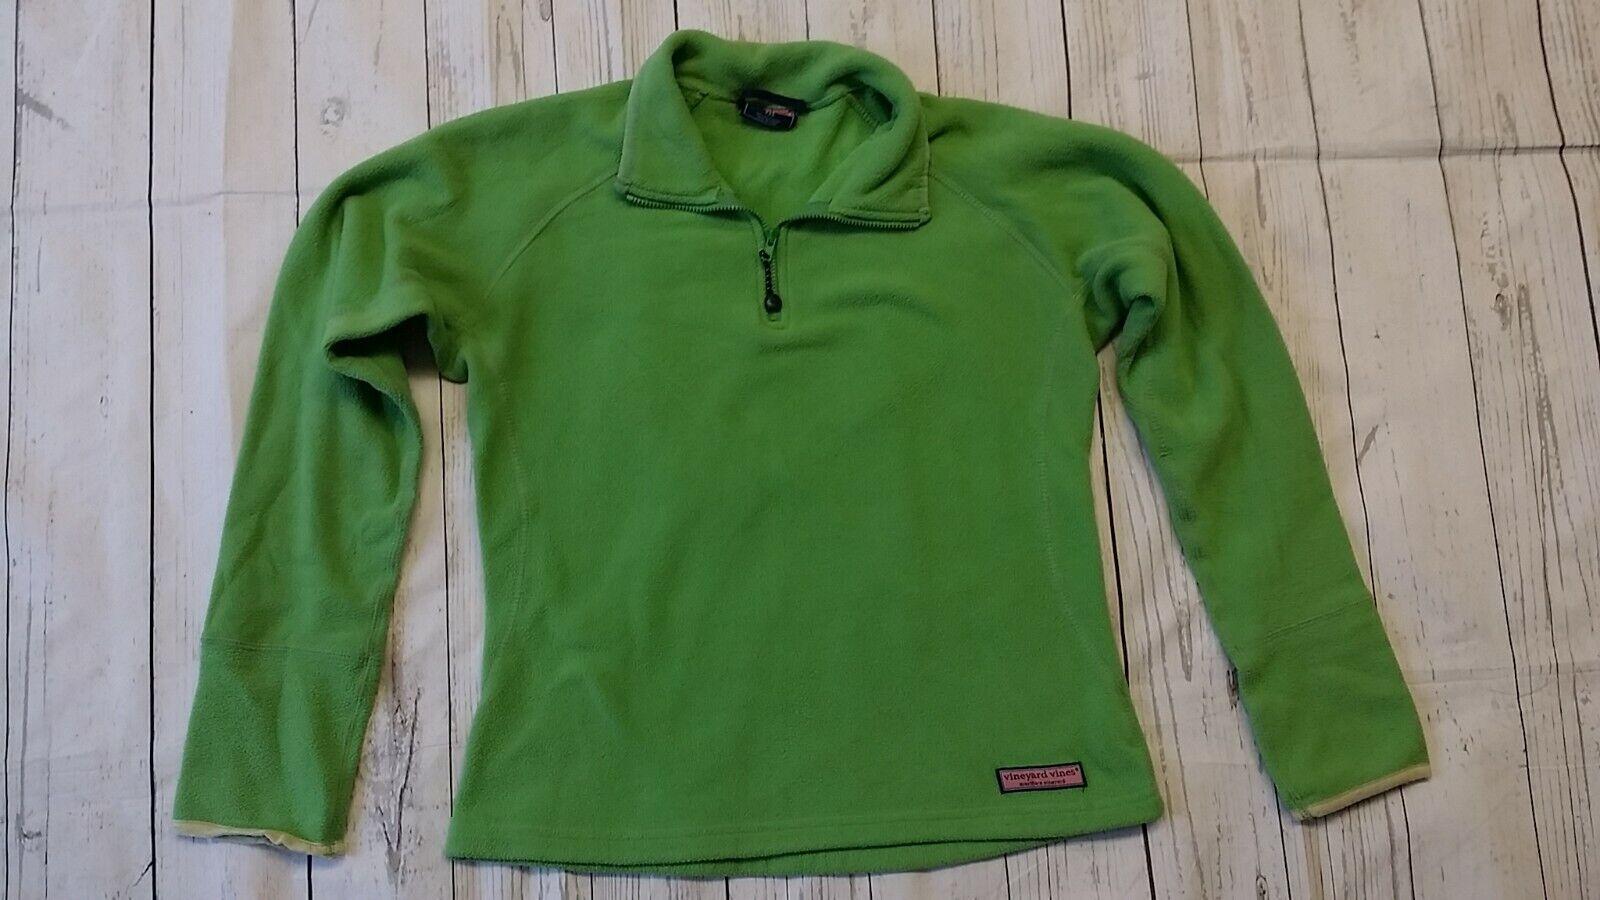 Martha's Vineyard Vines XXS Women Teen Green Fleece Jacket 1/4 Zip Pull Over